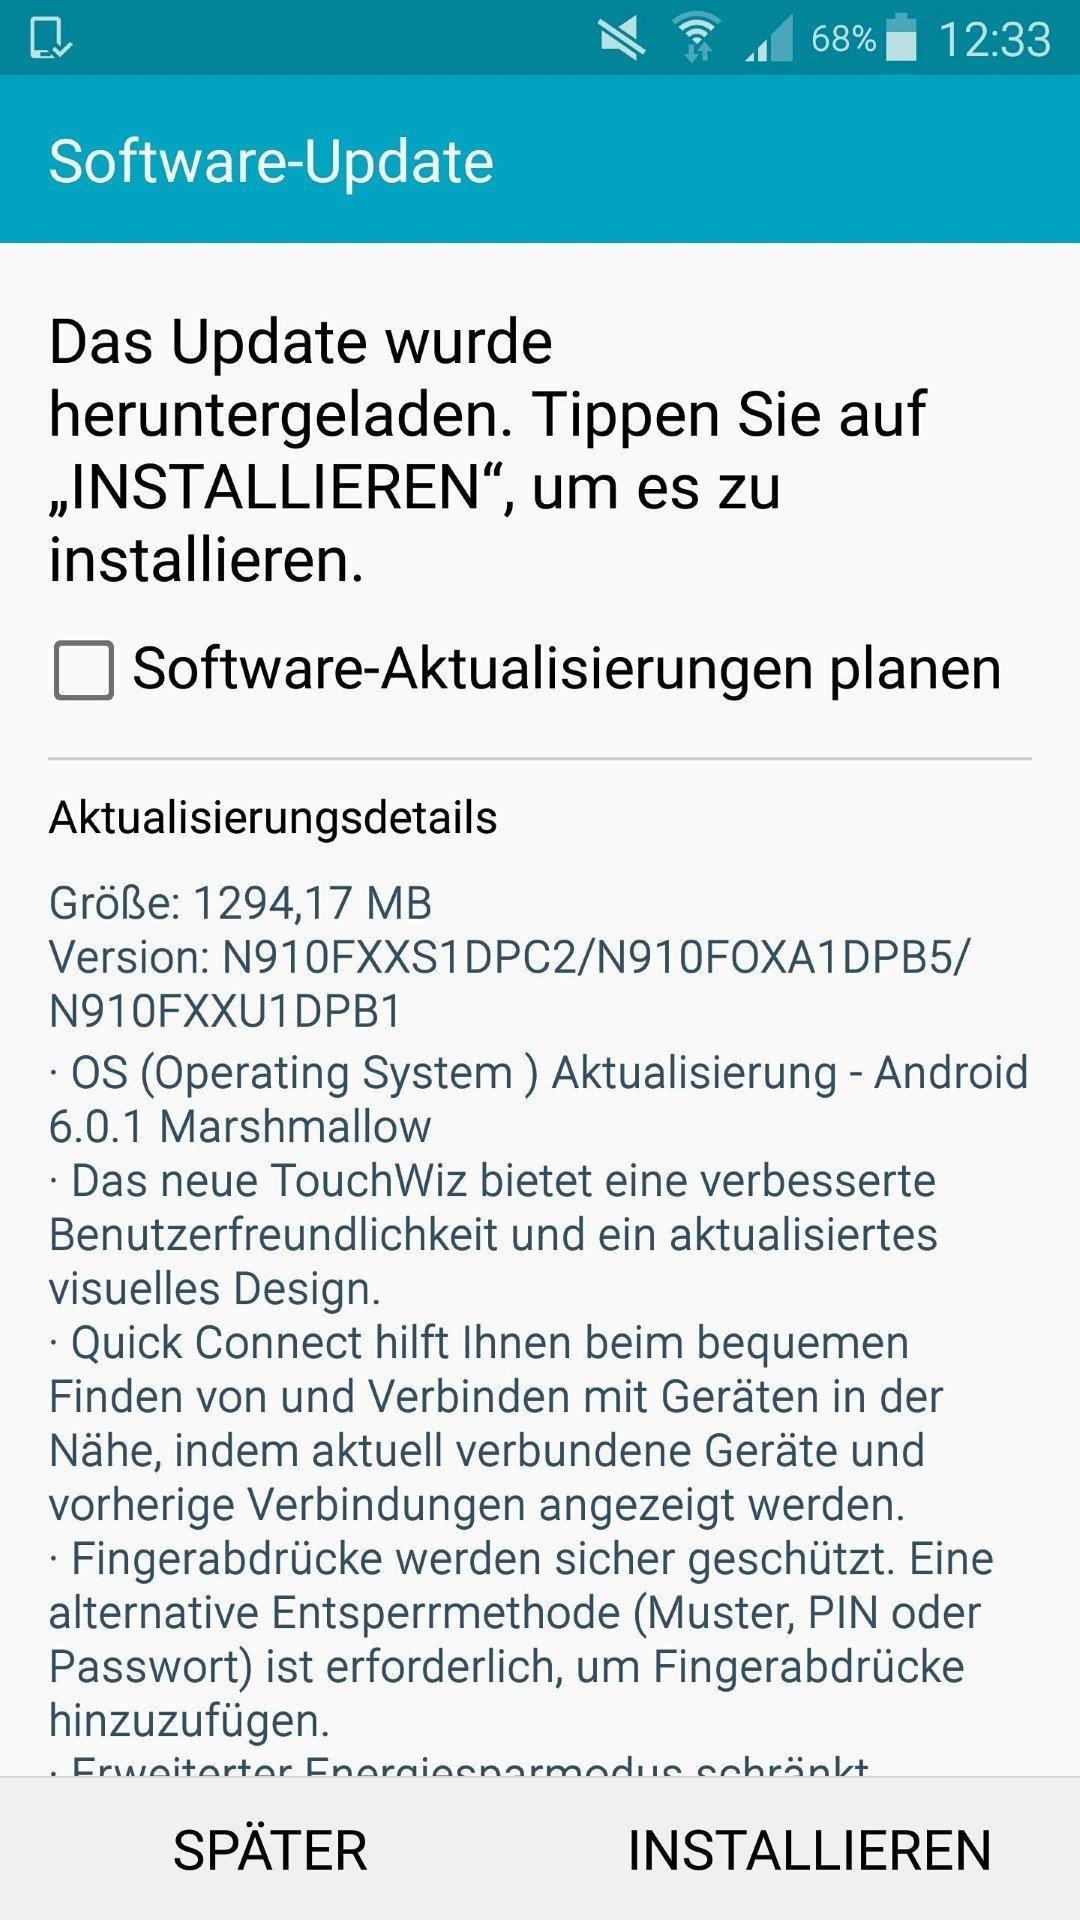 Galaxy Note 4 erhält in Deutschland Android 6.0.1 Marshmallow - Die Neuerungen im Überblick 1